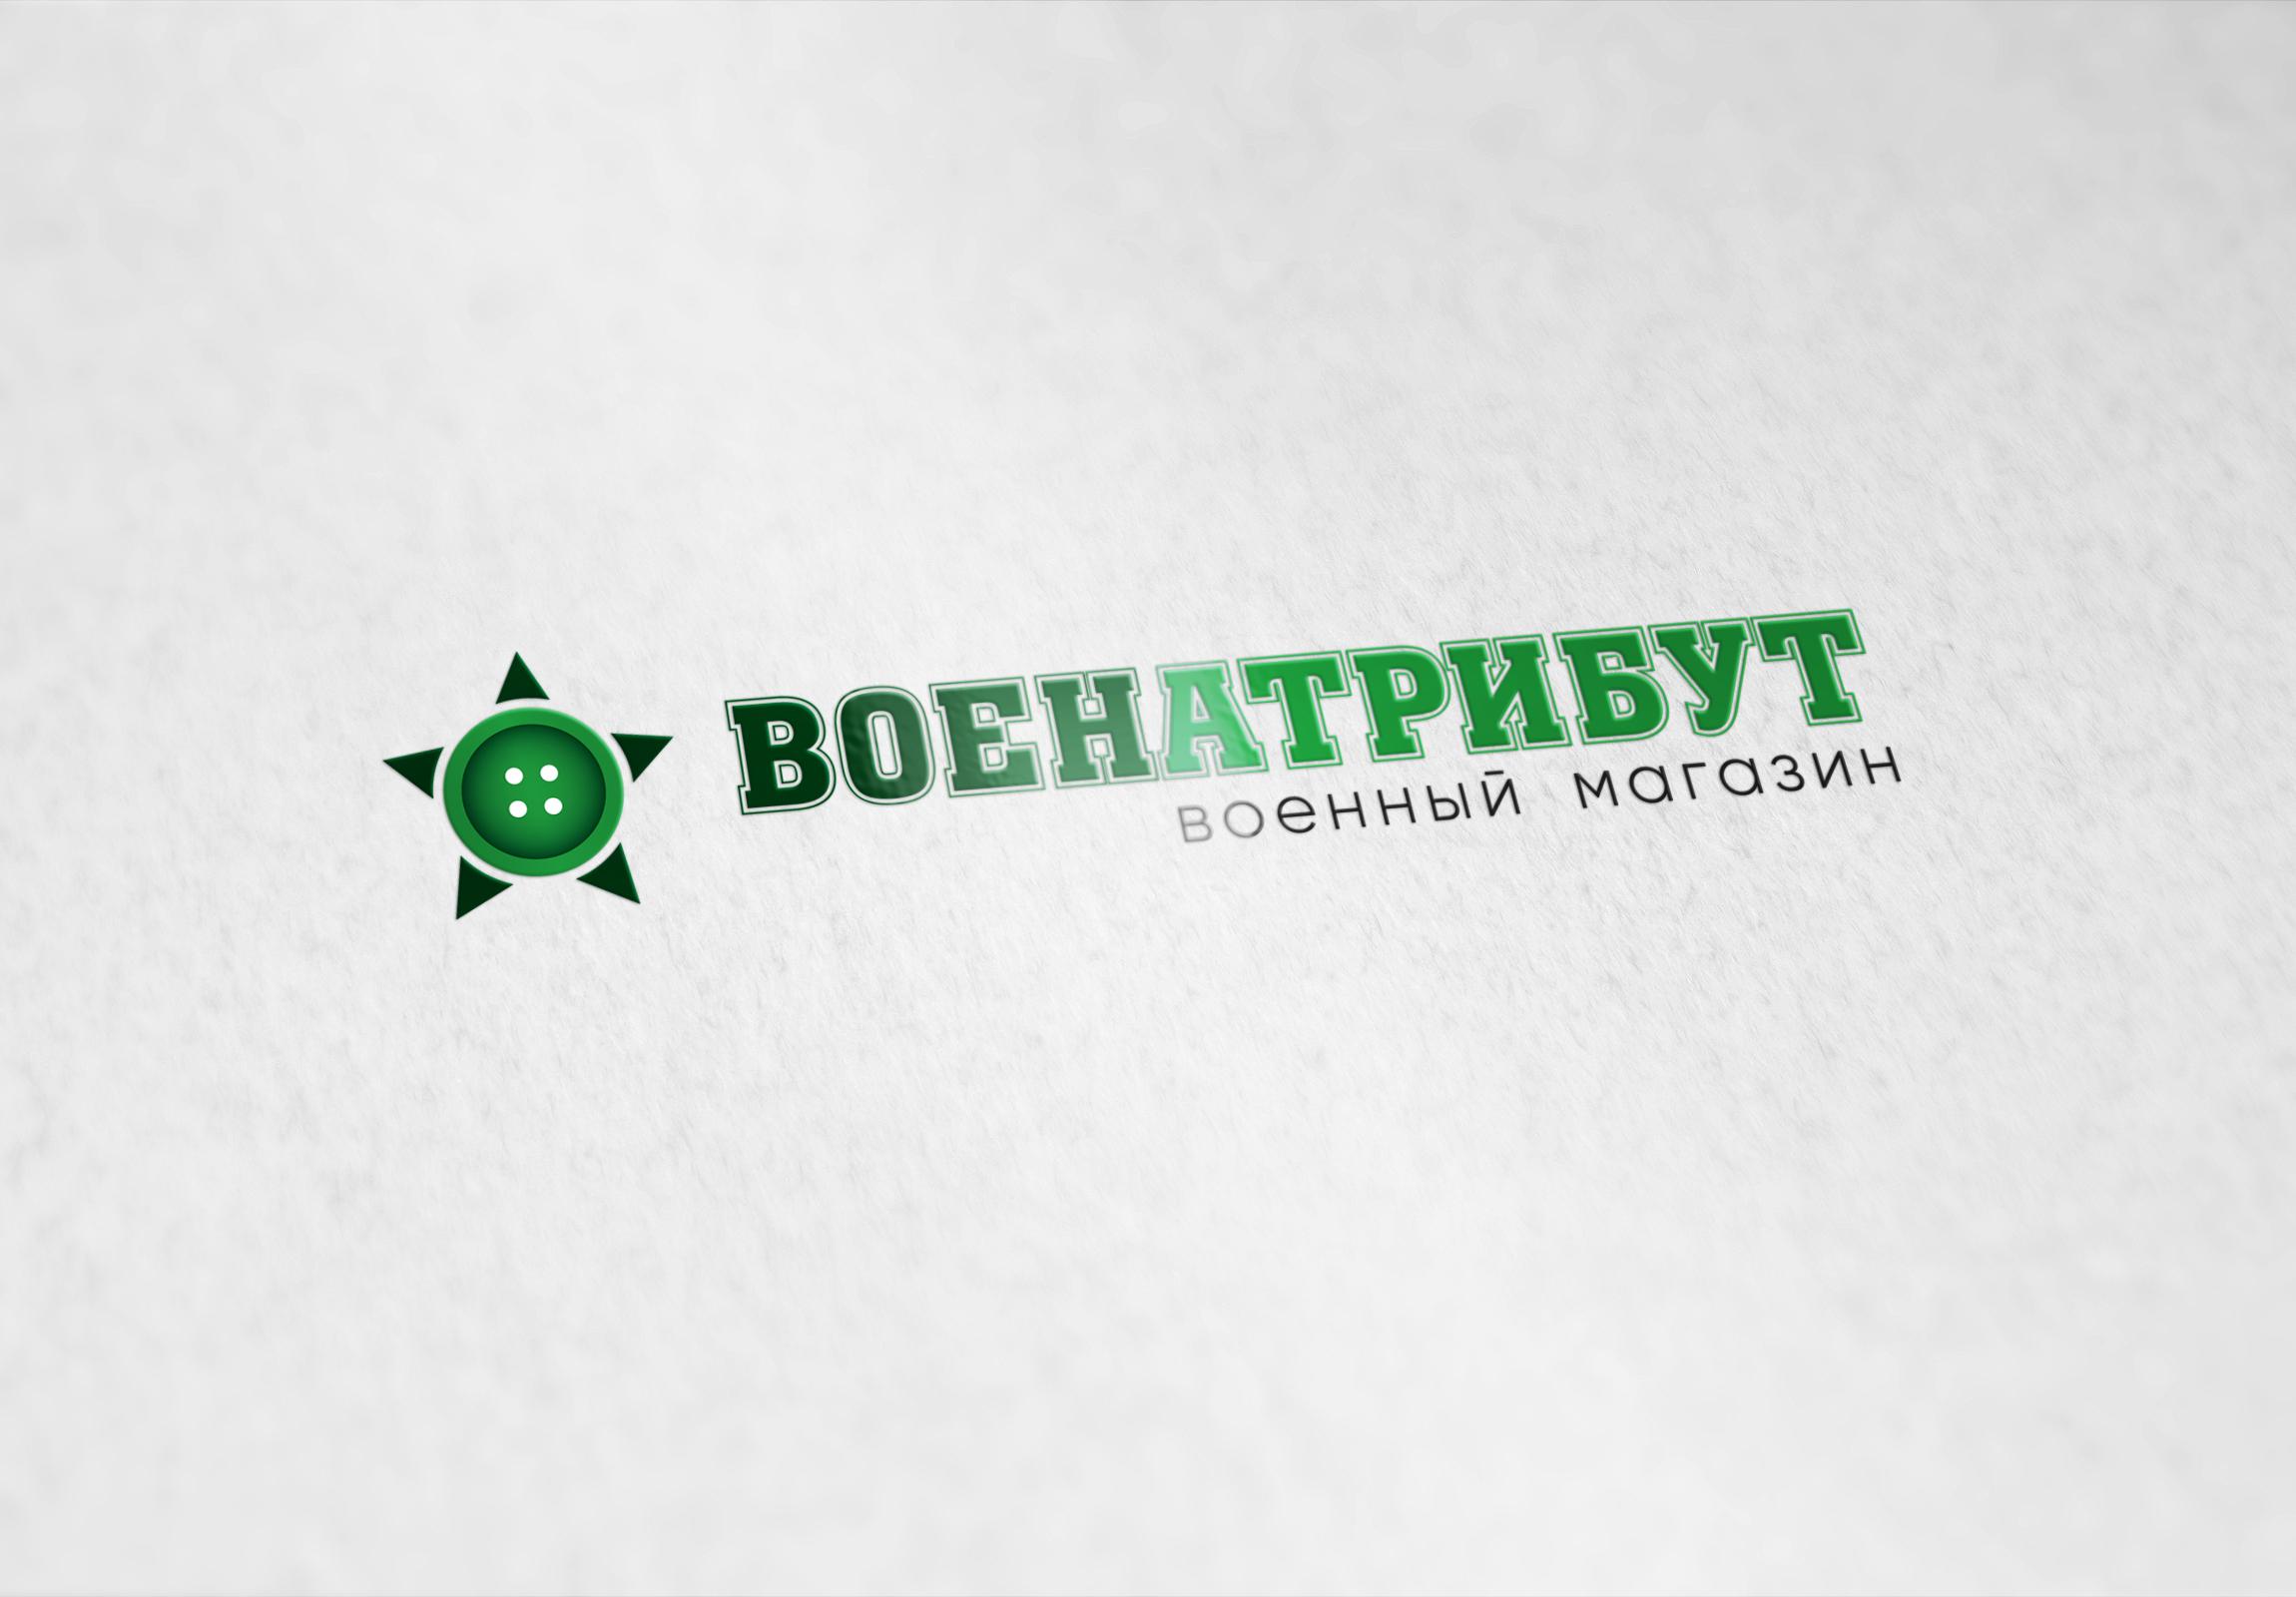 Разработка логотипа для компании военной тематики фото f_335601da8478de32.jpg